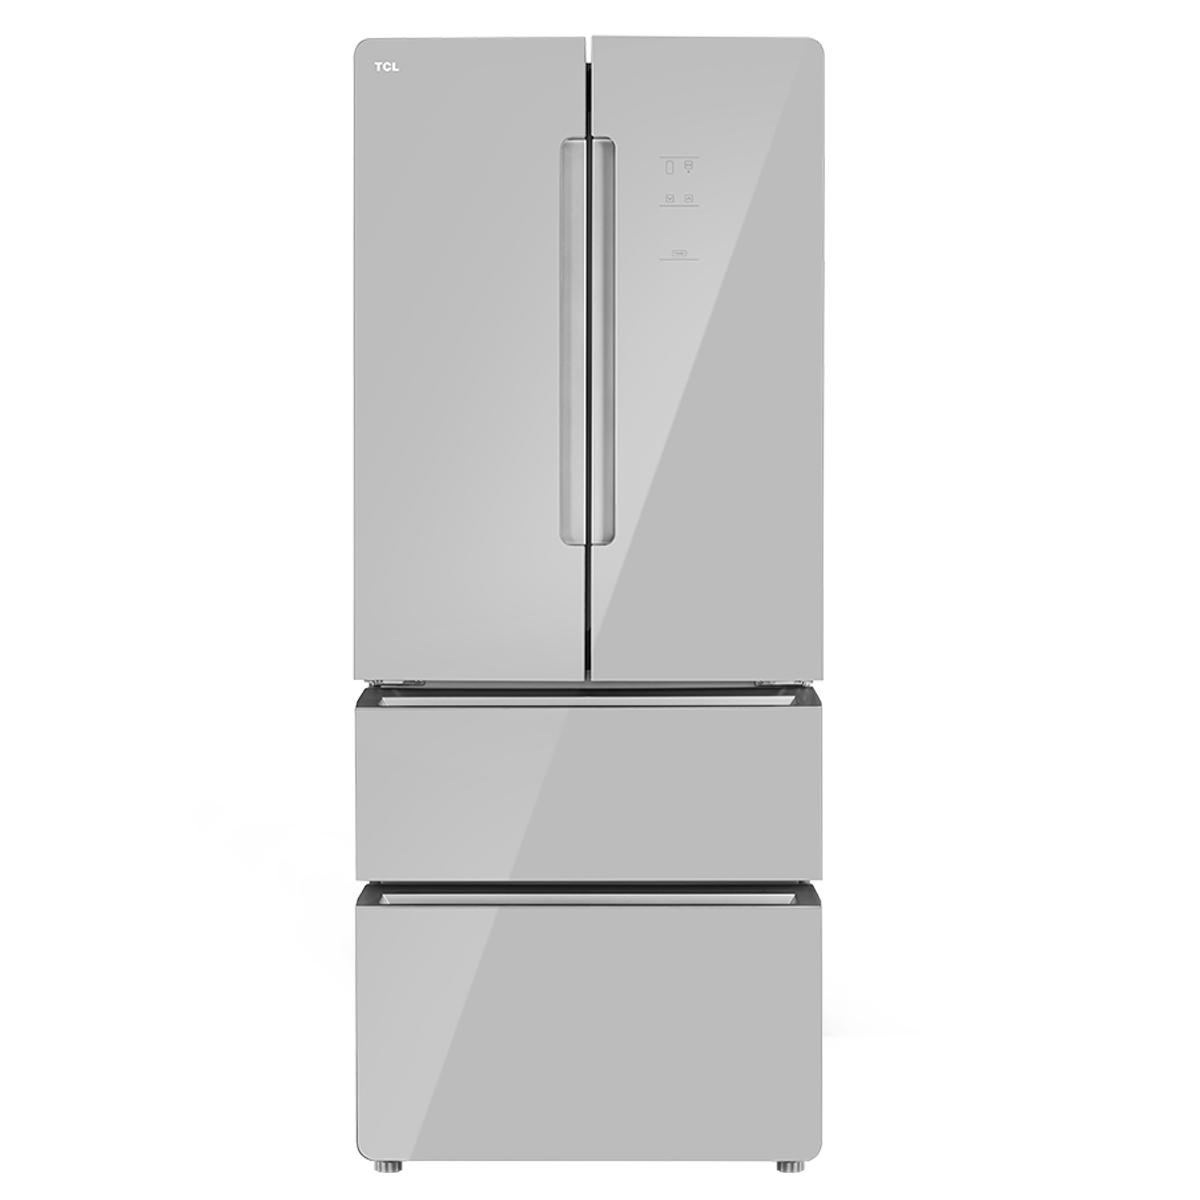 یخچال و فریزر تی سی ال مدل TRF-480 | TCL TRF-480 Refrigerator